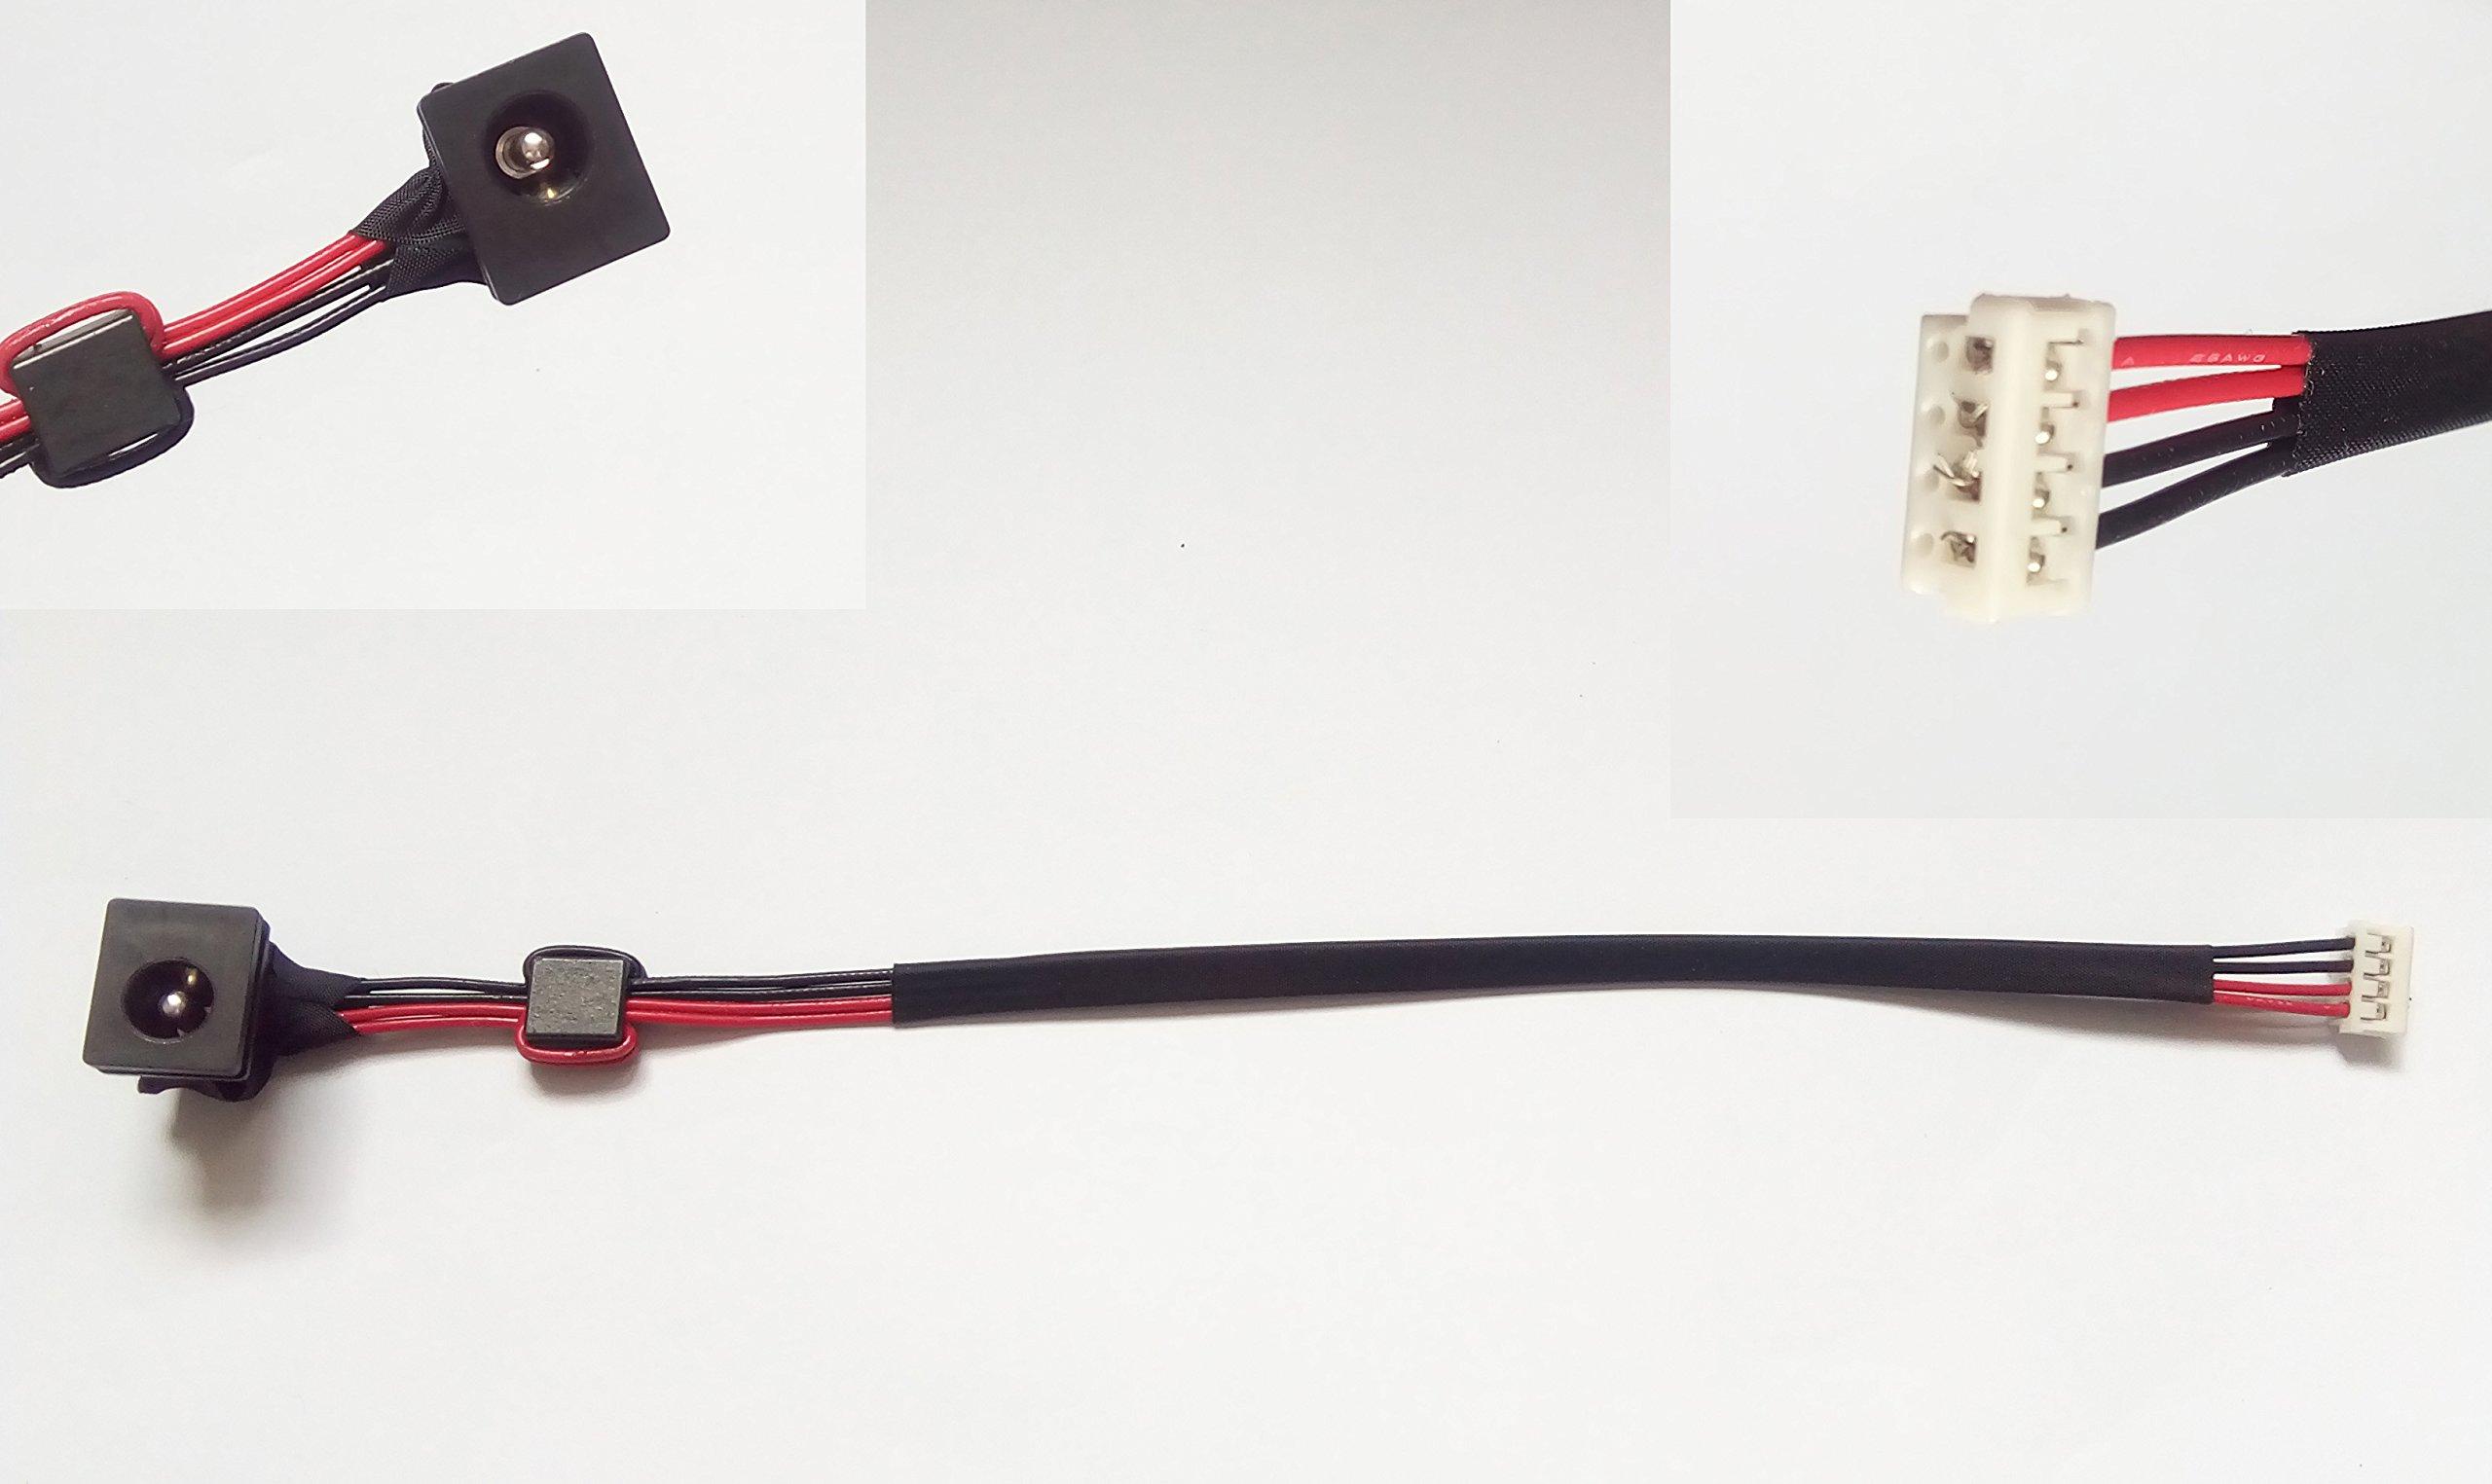 DC-IN Power Jack For Toshiba A105 A135 A205 A210 A215 A300 A305 A500 A505 L300 L305 L350 L355 L455 L505 M115 M205 Series Compatible : 6017B0149801 V000932670